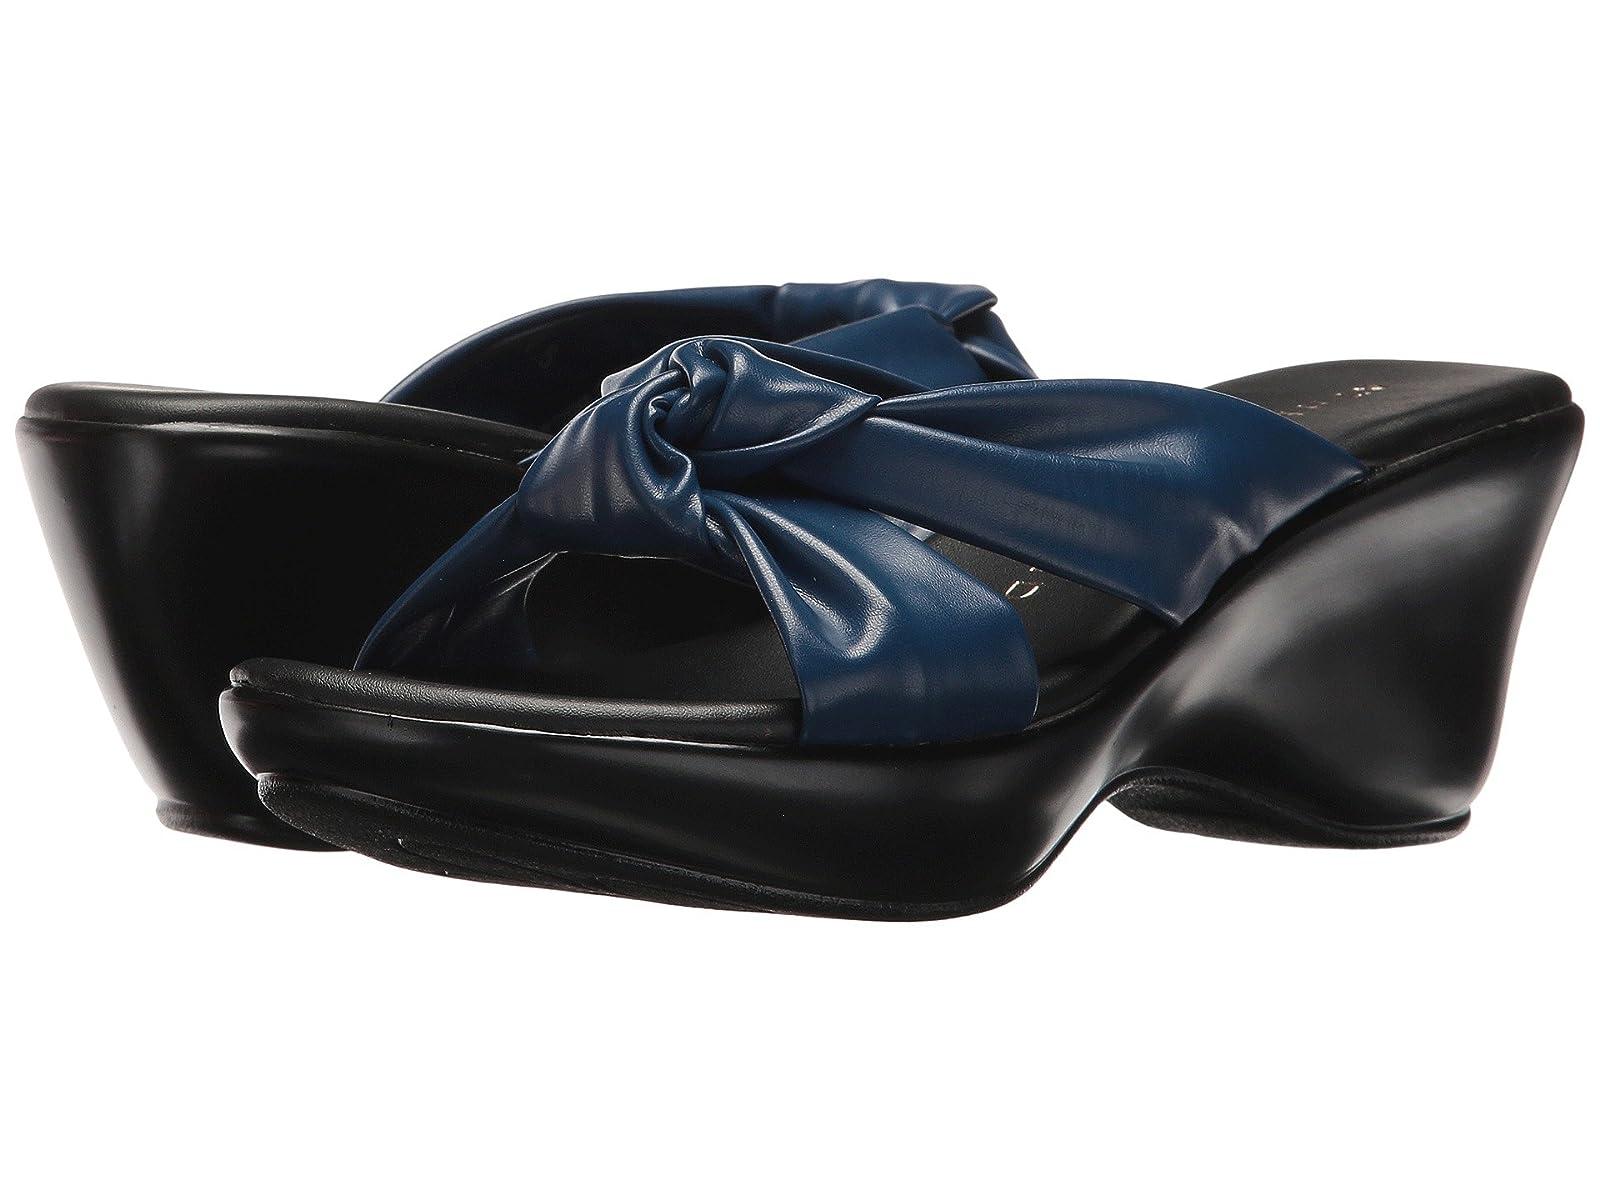 Athena Alexander SorayaAtmospheric grades have affordable shoes